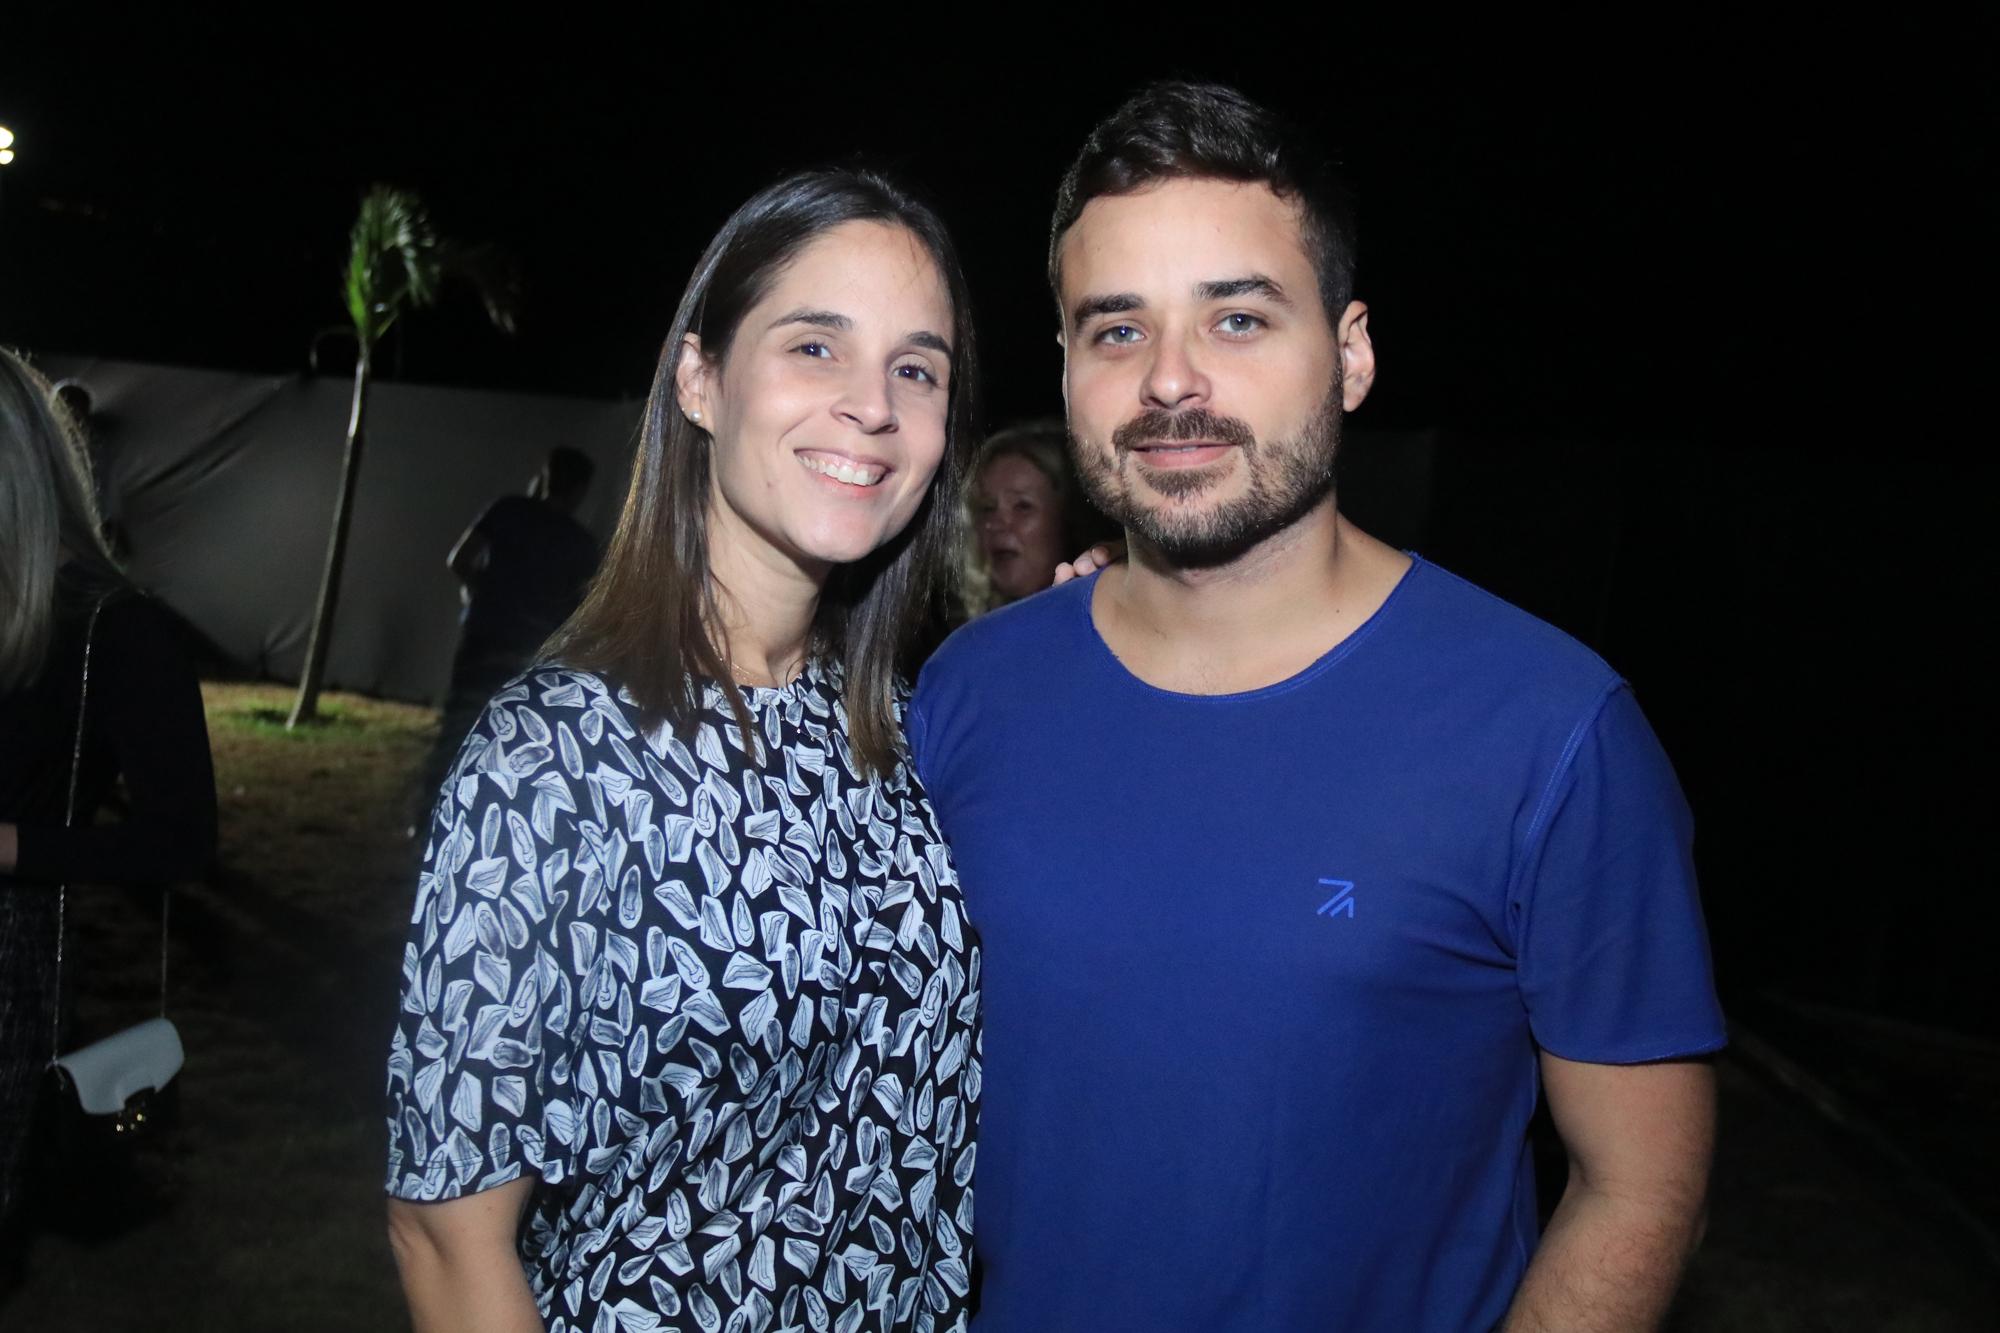 Mari Rêgo e Yuri Fernandes - Crédito: Luiz Fabiano/Divulgação